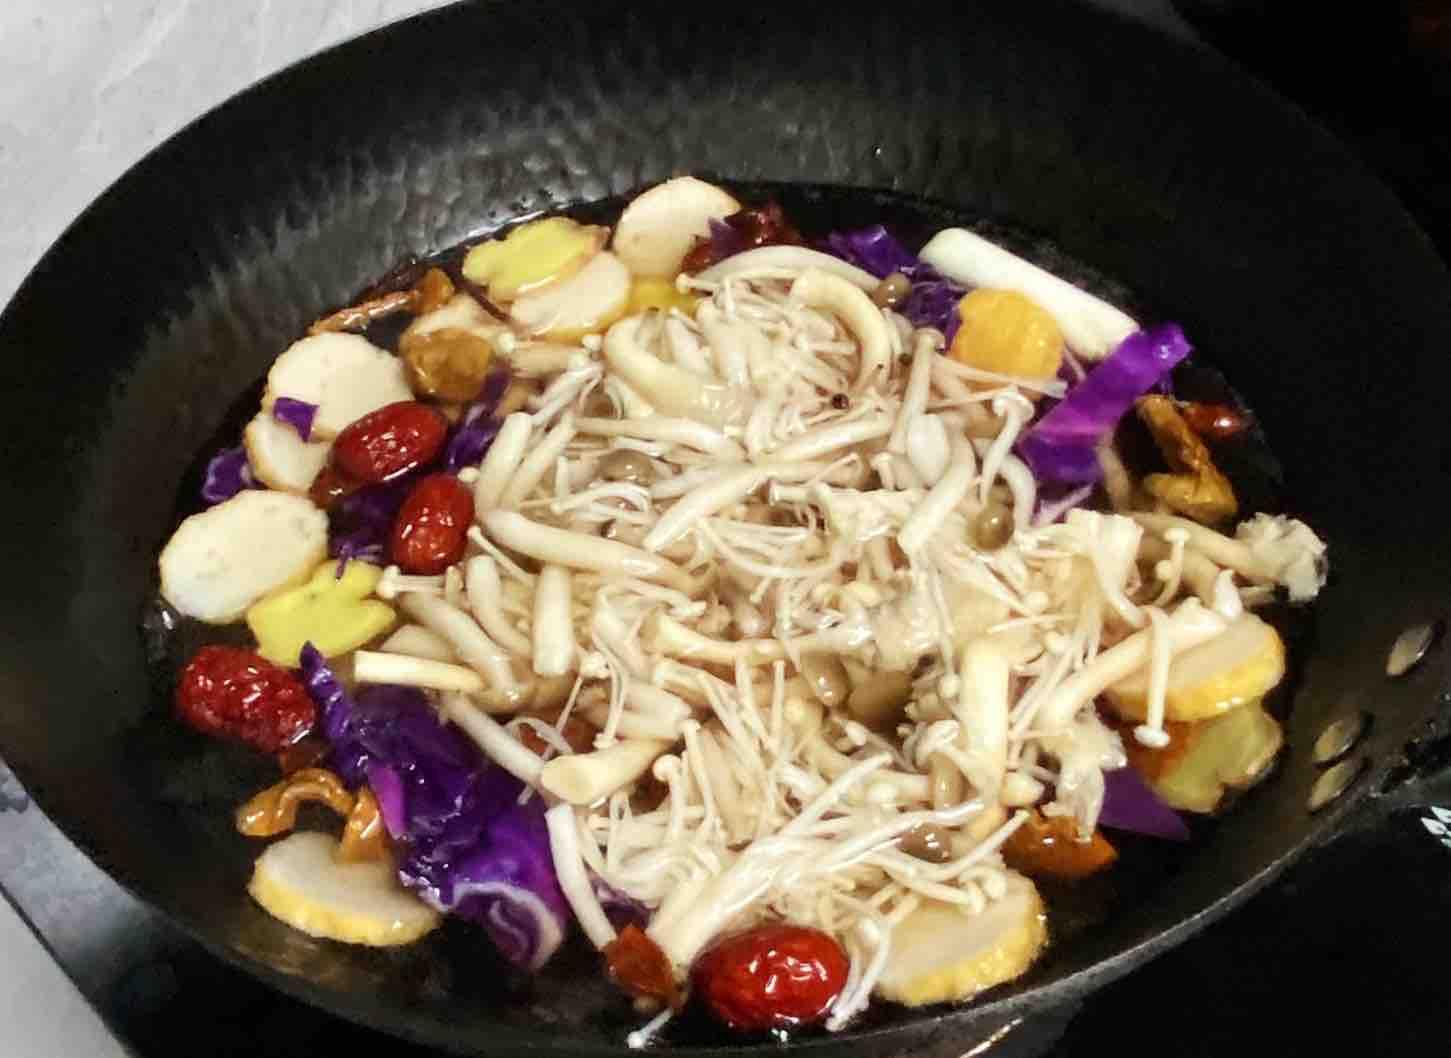 【孕妇食谱】五彩菌菇汤,鲜美低脂又营养,好吃好喝不发胖~的步骤